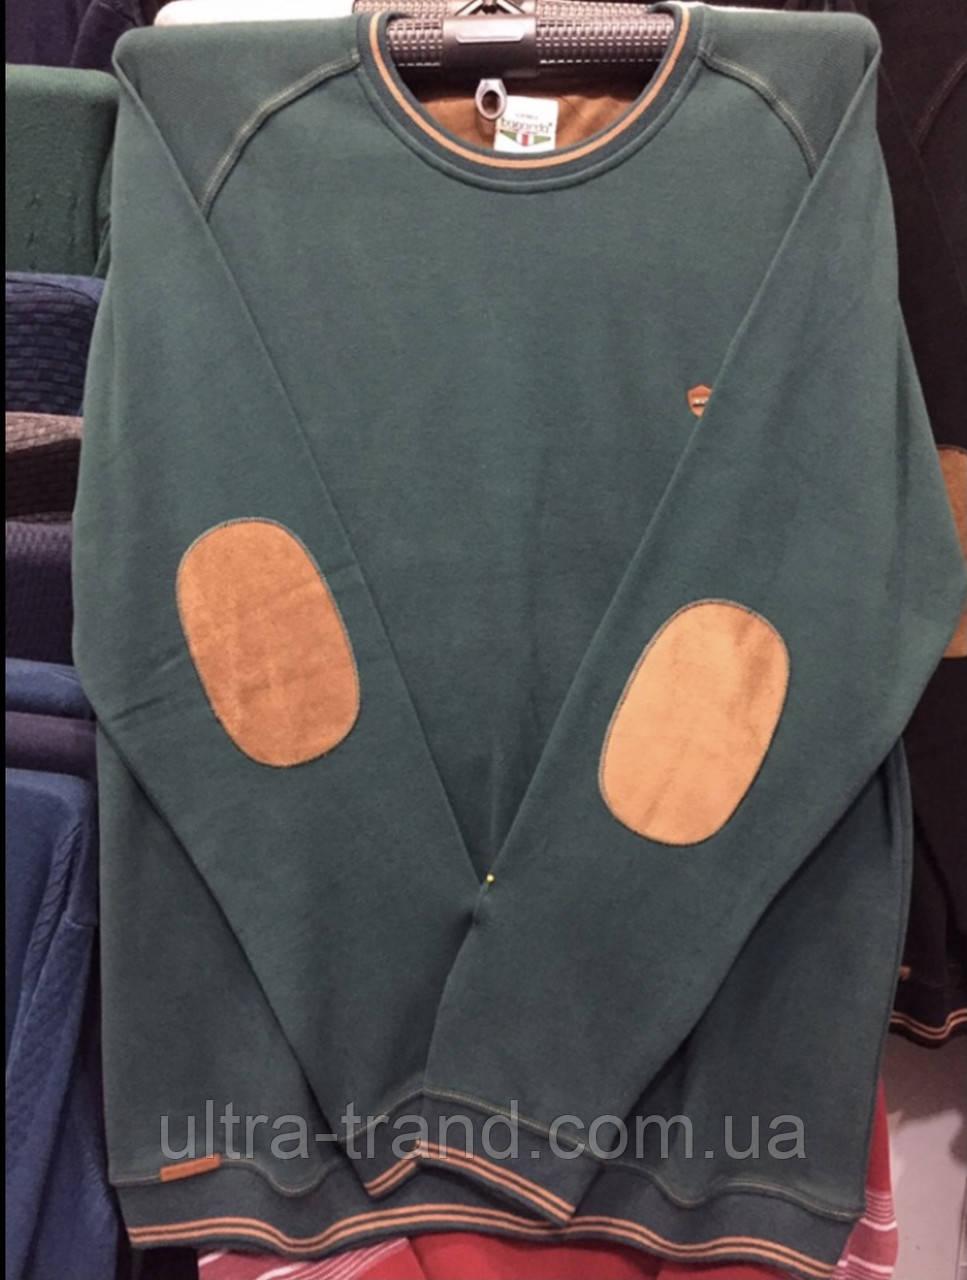 Мужской турецкий свитер свитшот пайта большого размера